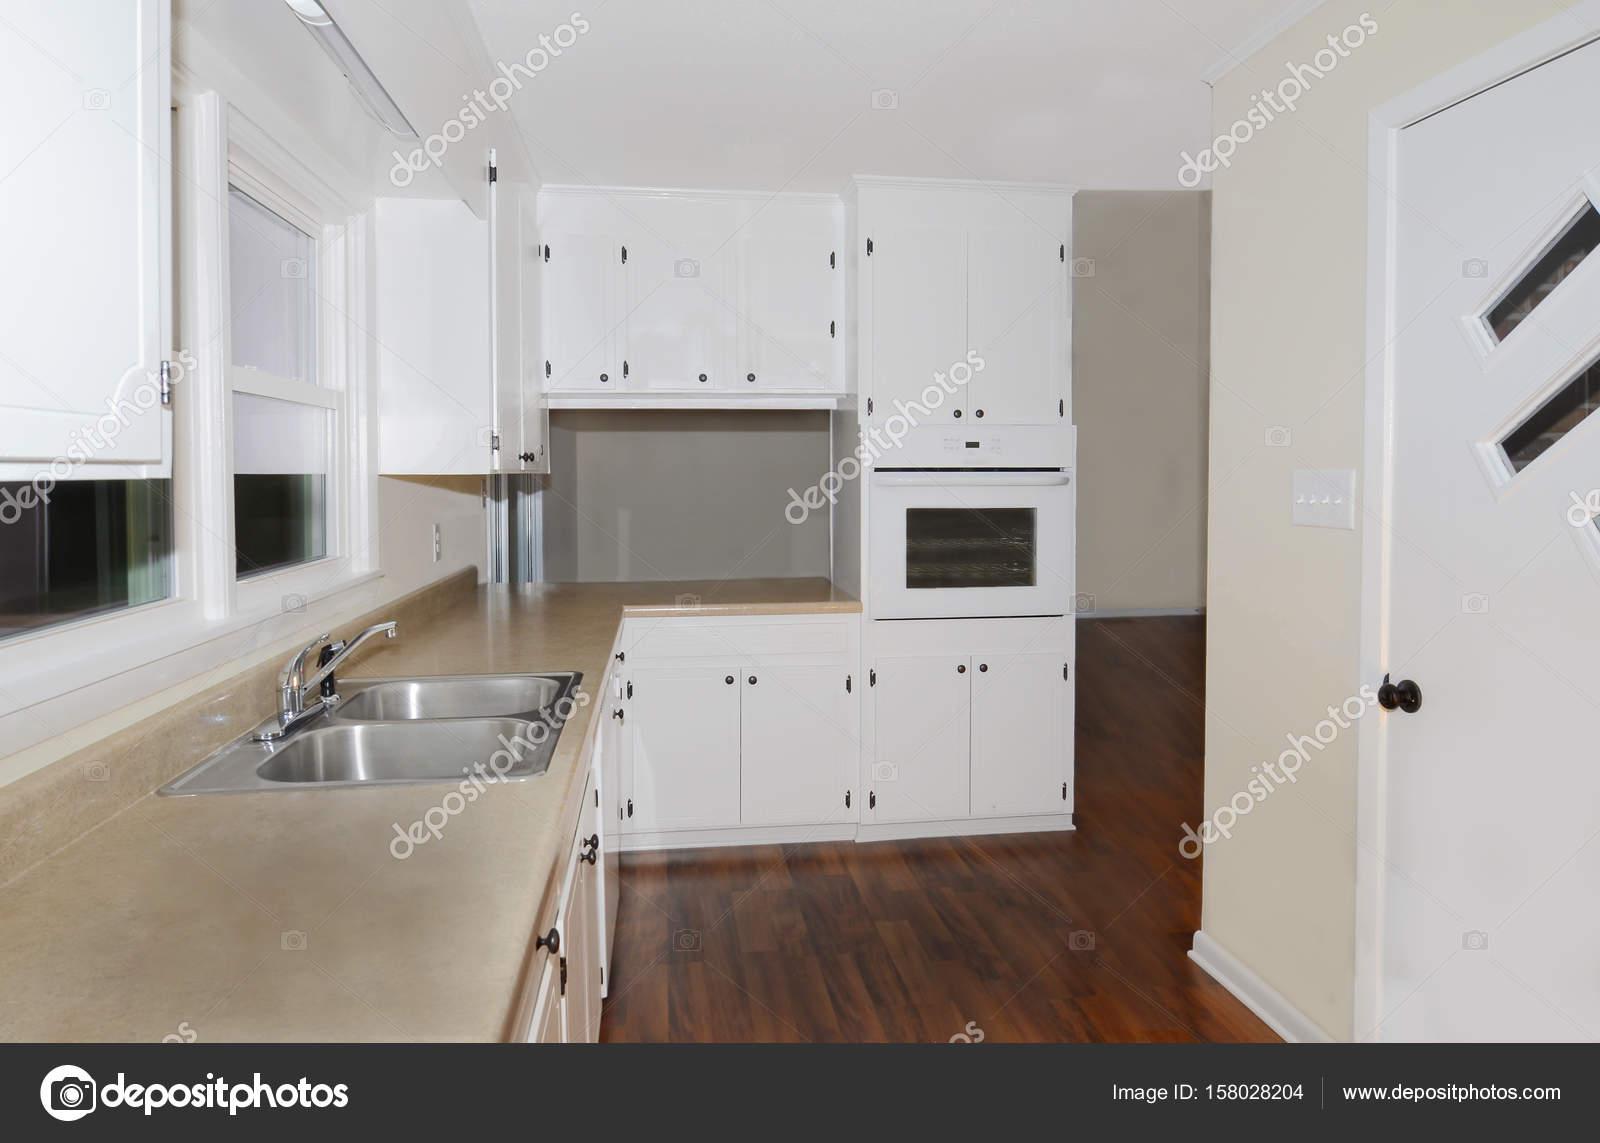 Kuchnia W Domu Zdjęcie Stockowe Noonie 158028204